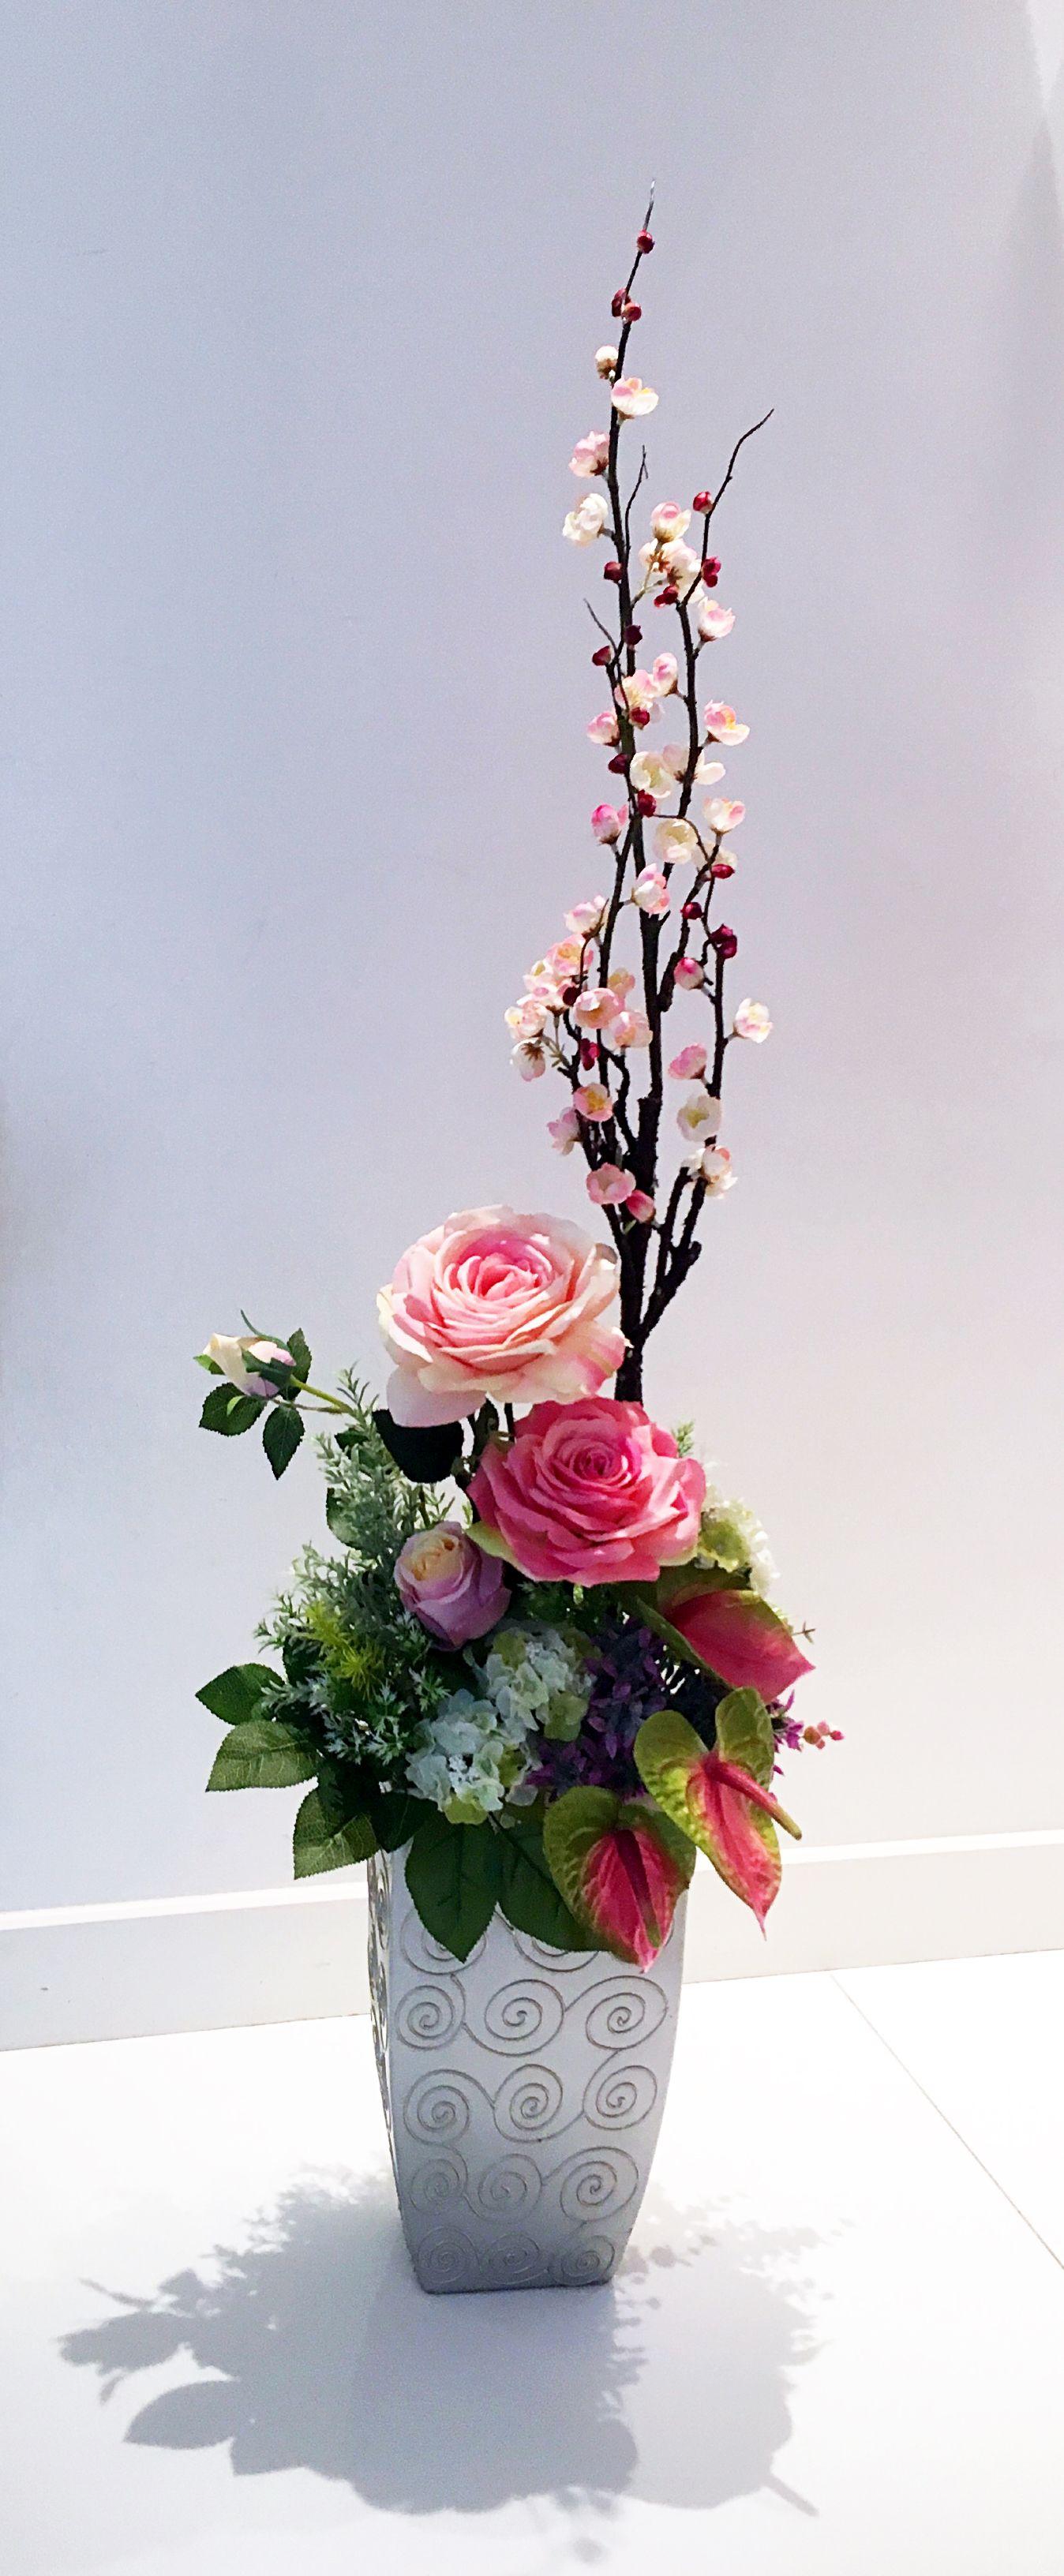 Pin By Chan Yu On Flower Pinterest Flower Arrangements Flower